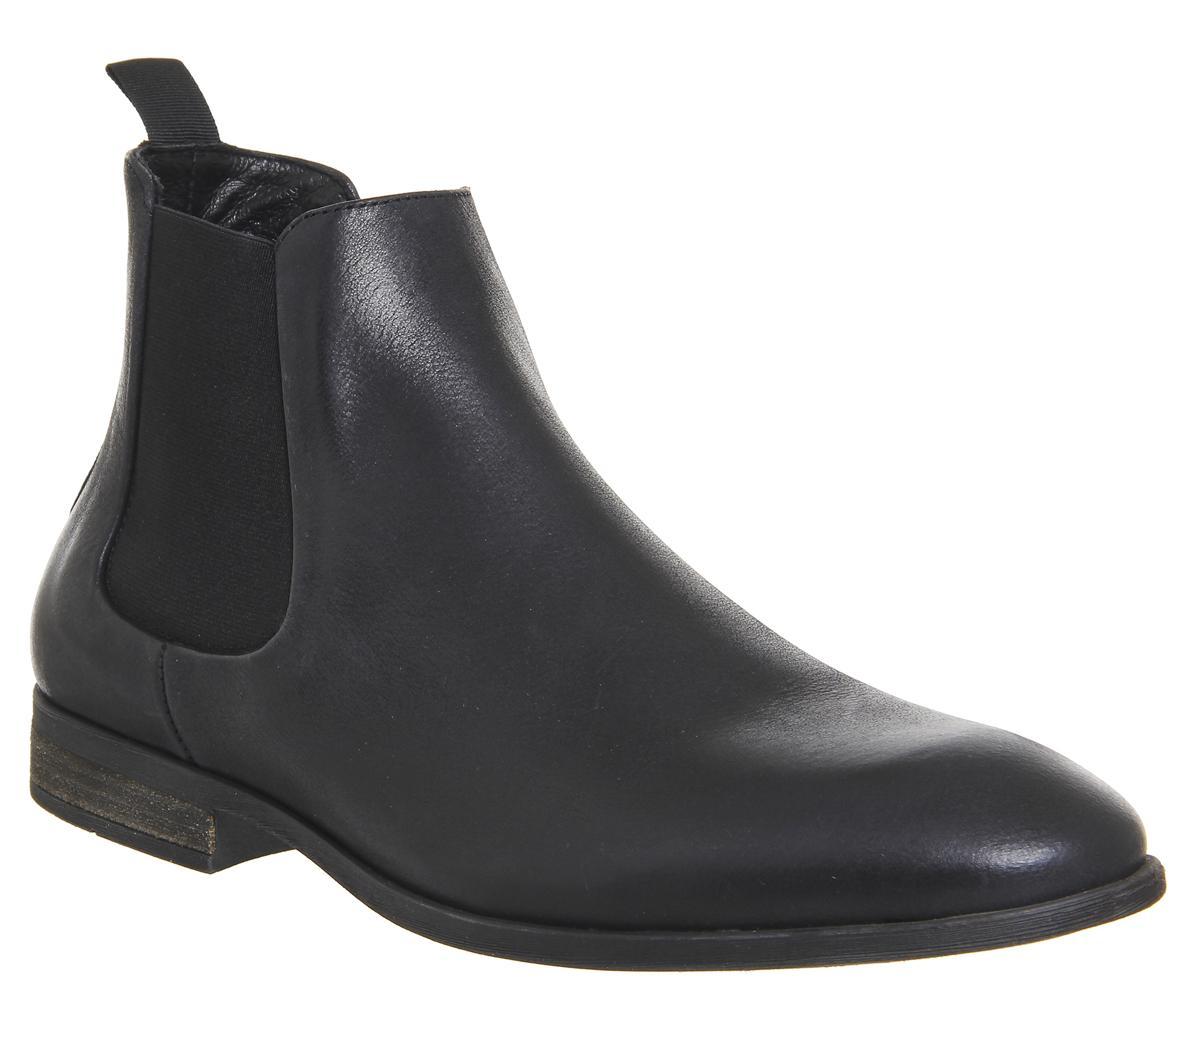 Etta Chelsea Boots